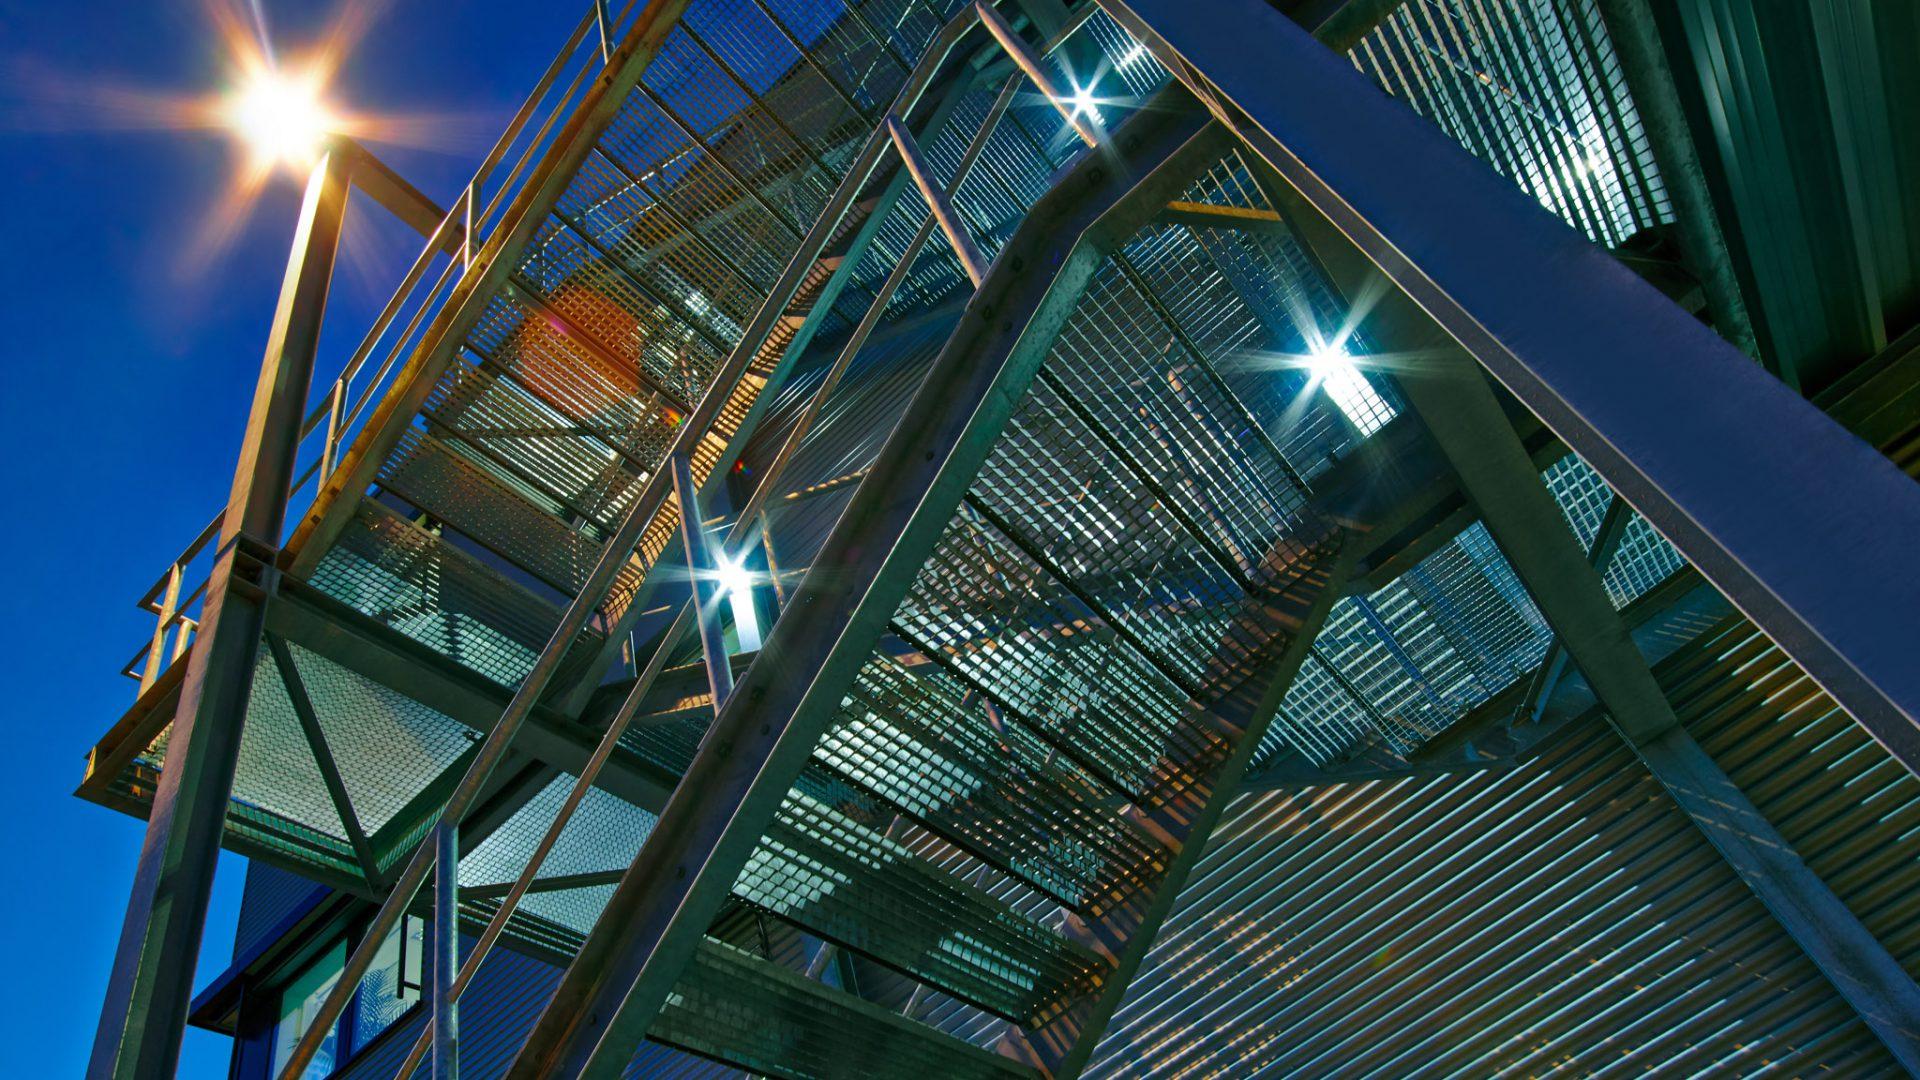 Ines Escherich – Industriefotografie